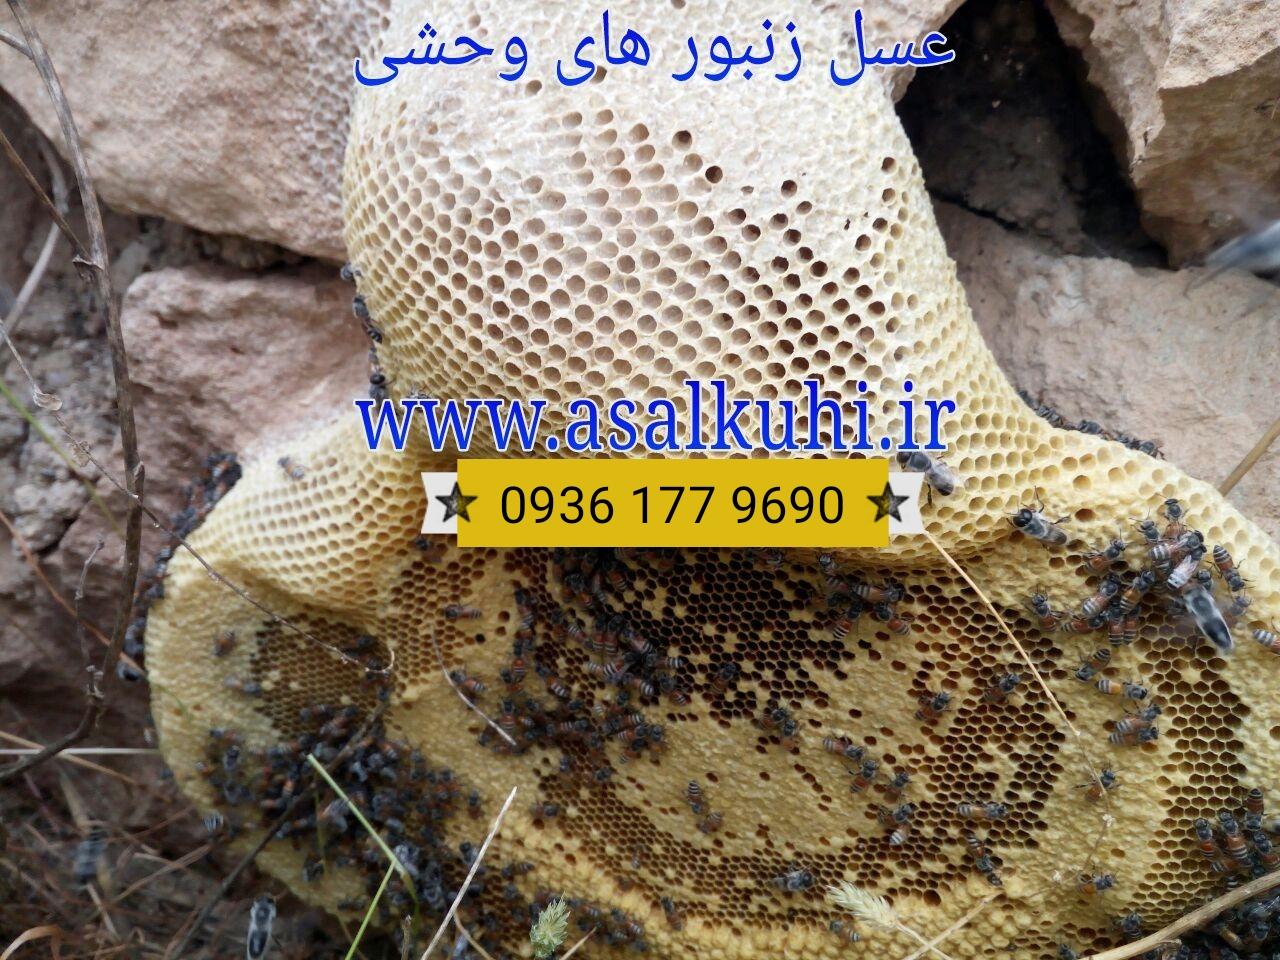 خرید عسل کوهی طبیعی